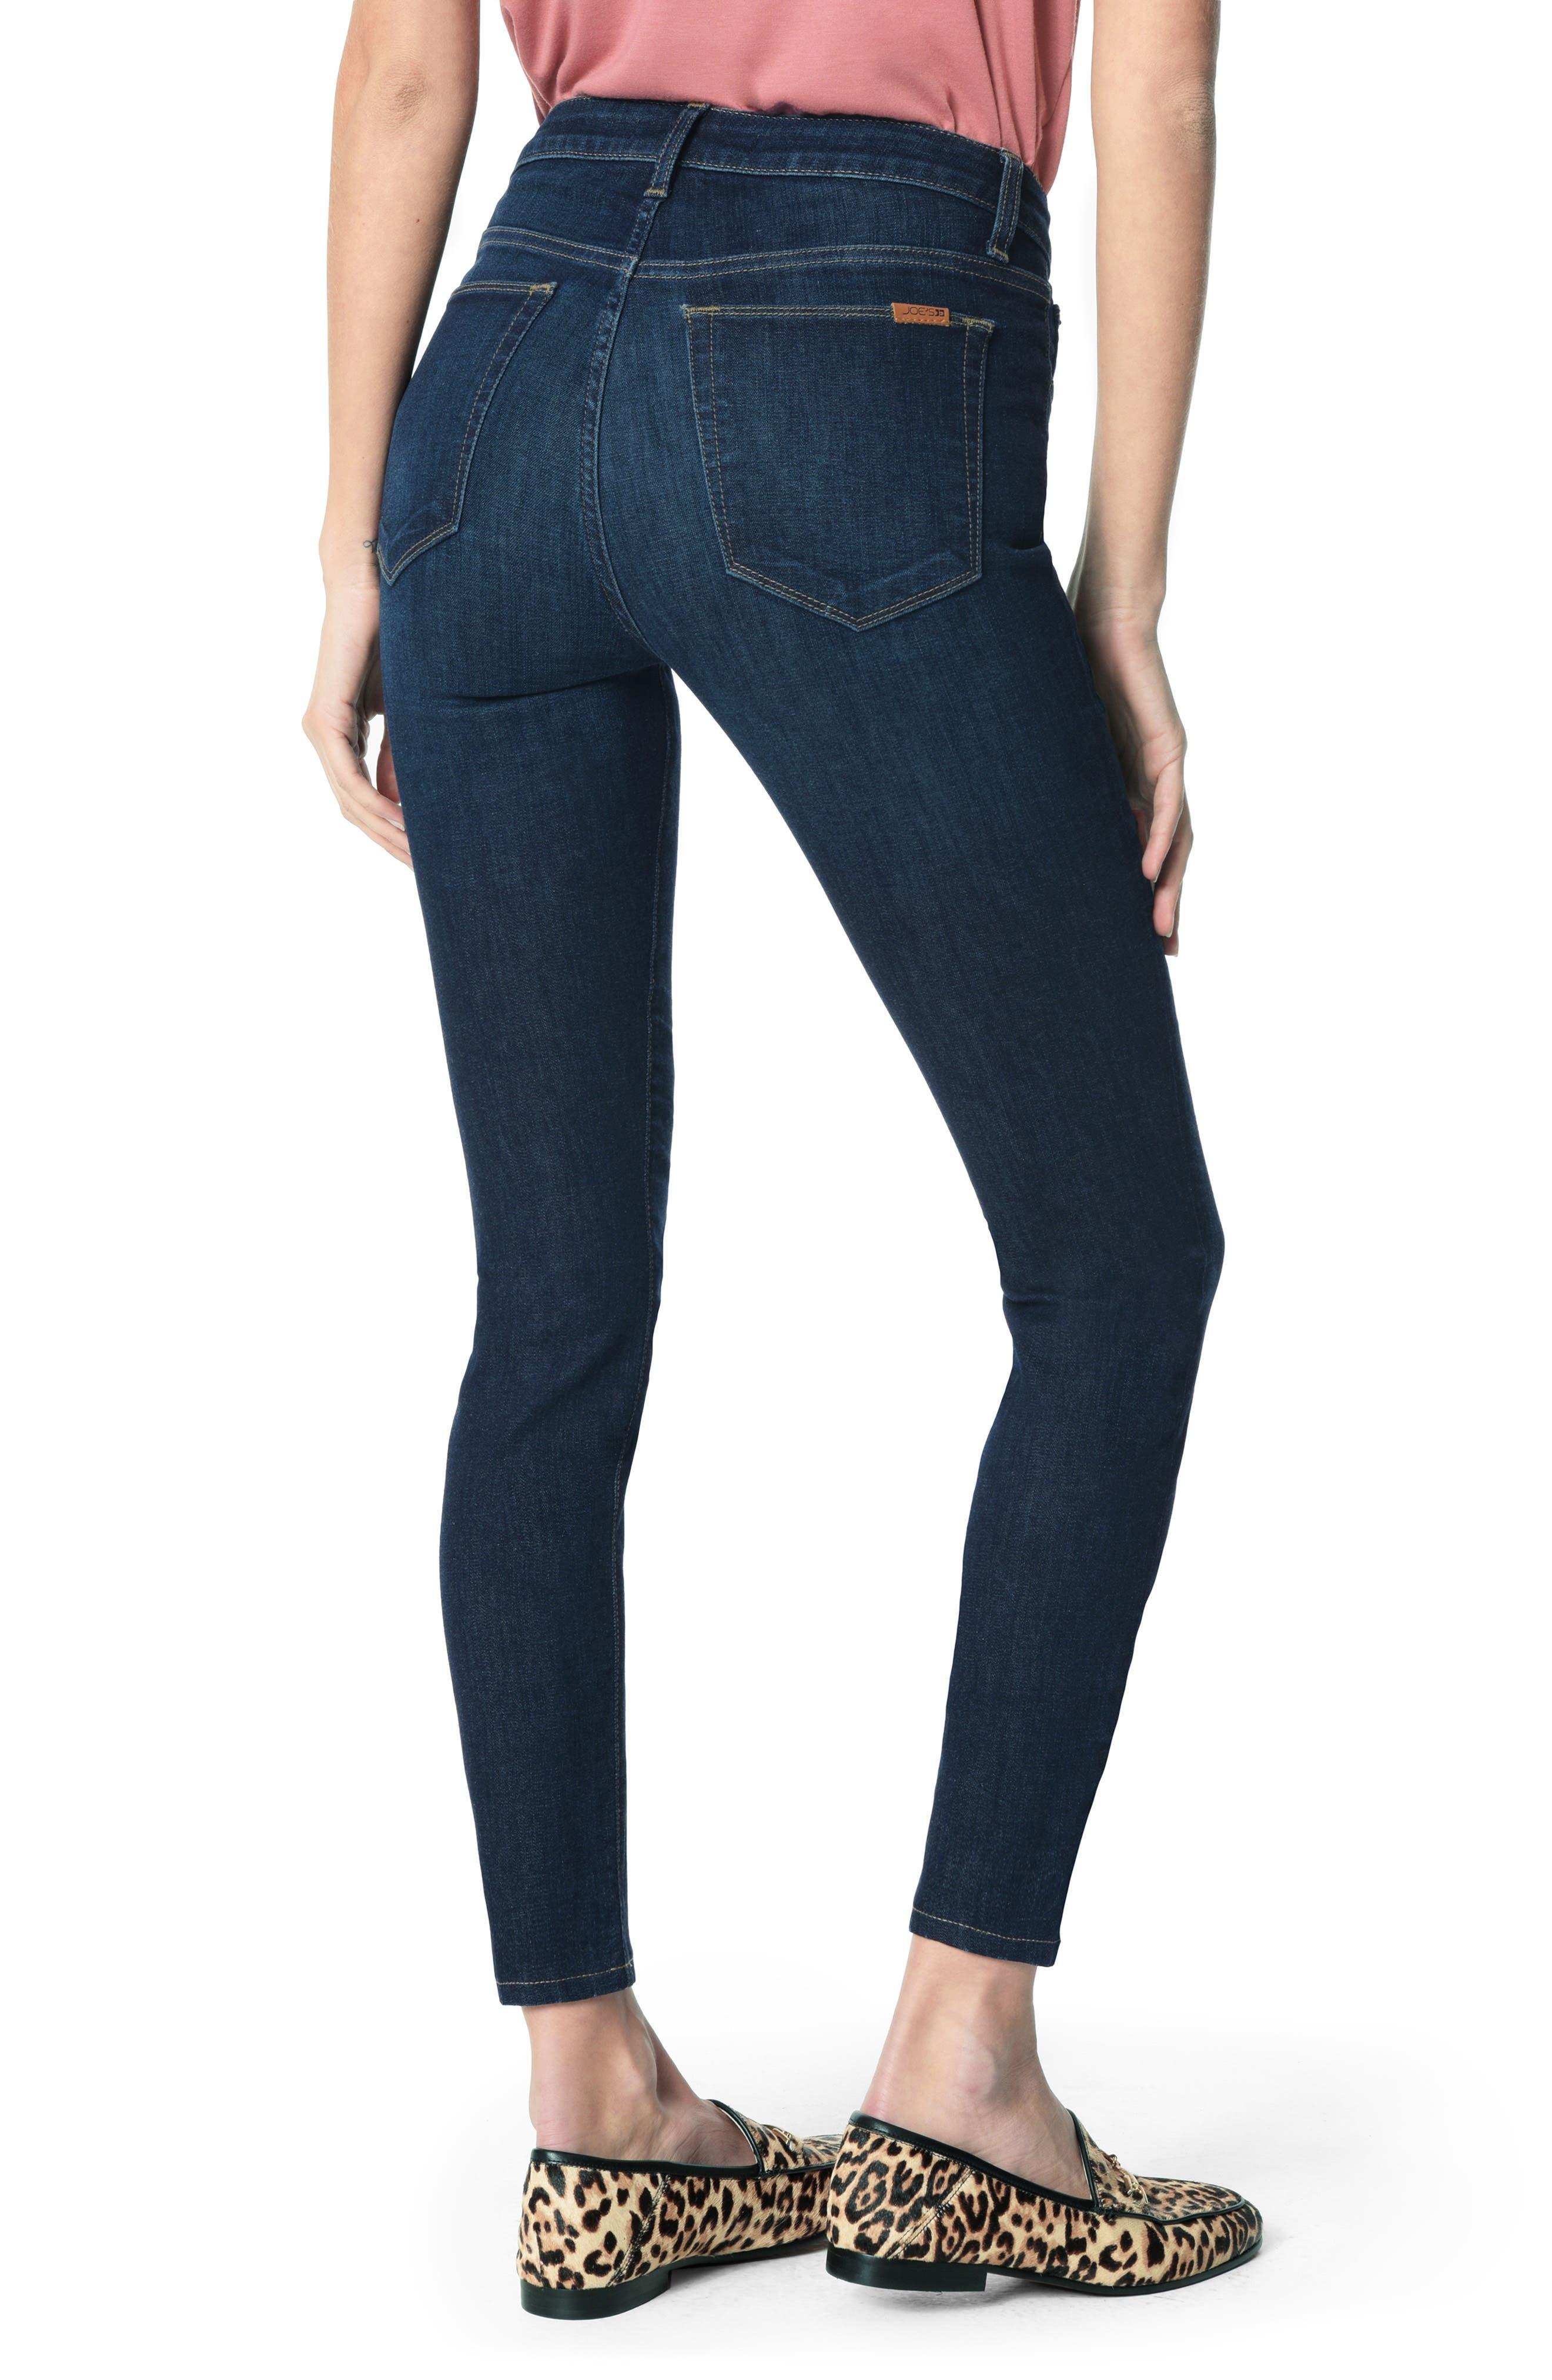 JOE'S, Honey High Waist Ankle Skinny Jeans, Alternate thumbnail 2, color, BRITT